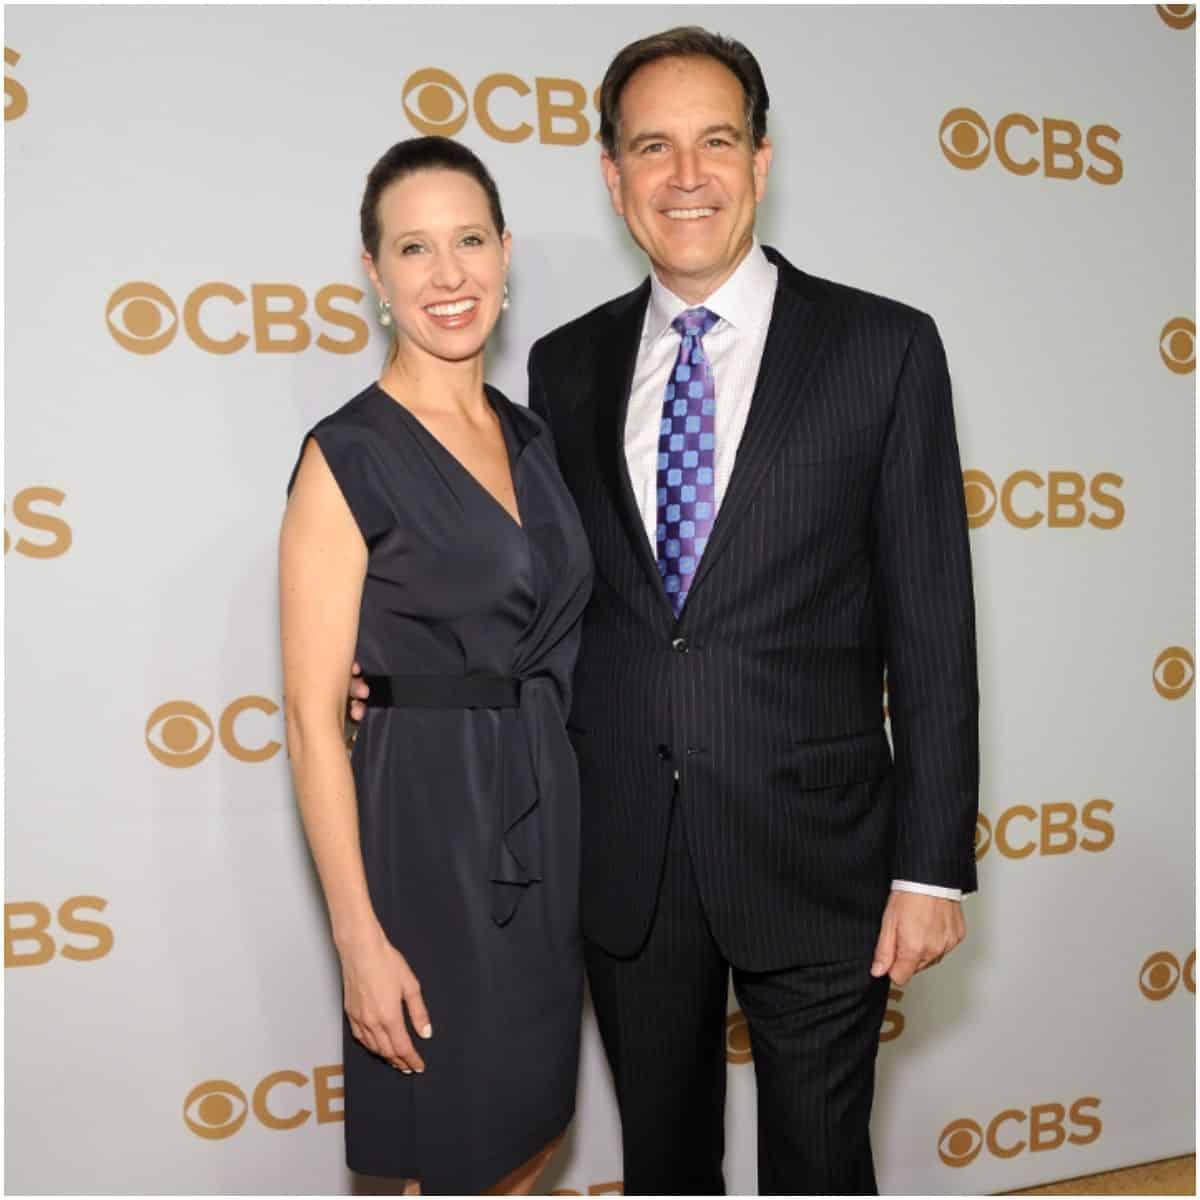 Jim Nantz and wife Courtney Richards